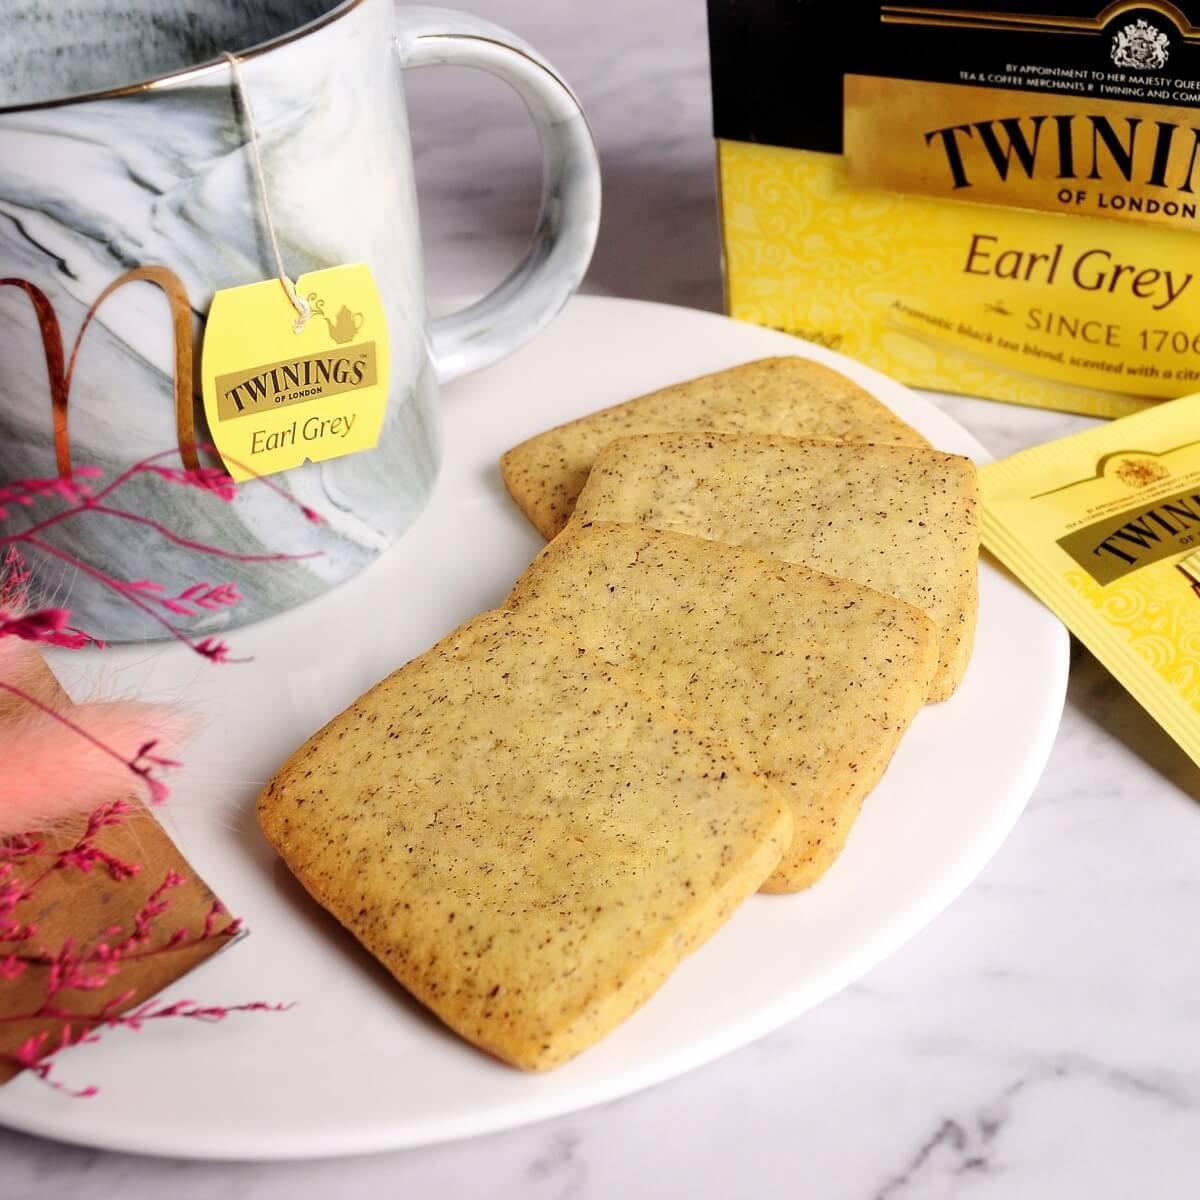 【香貝里】綜合餅乾2入隨手包/伯爵茶/蔓越莓/帕瑪森起司餅乾